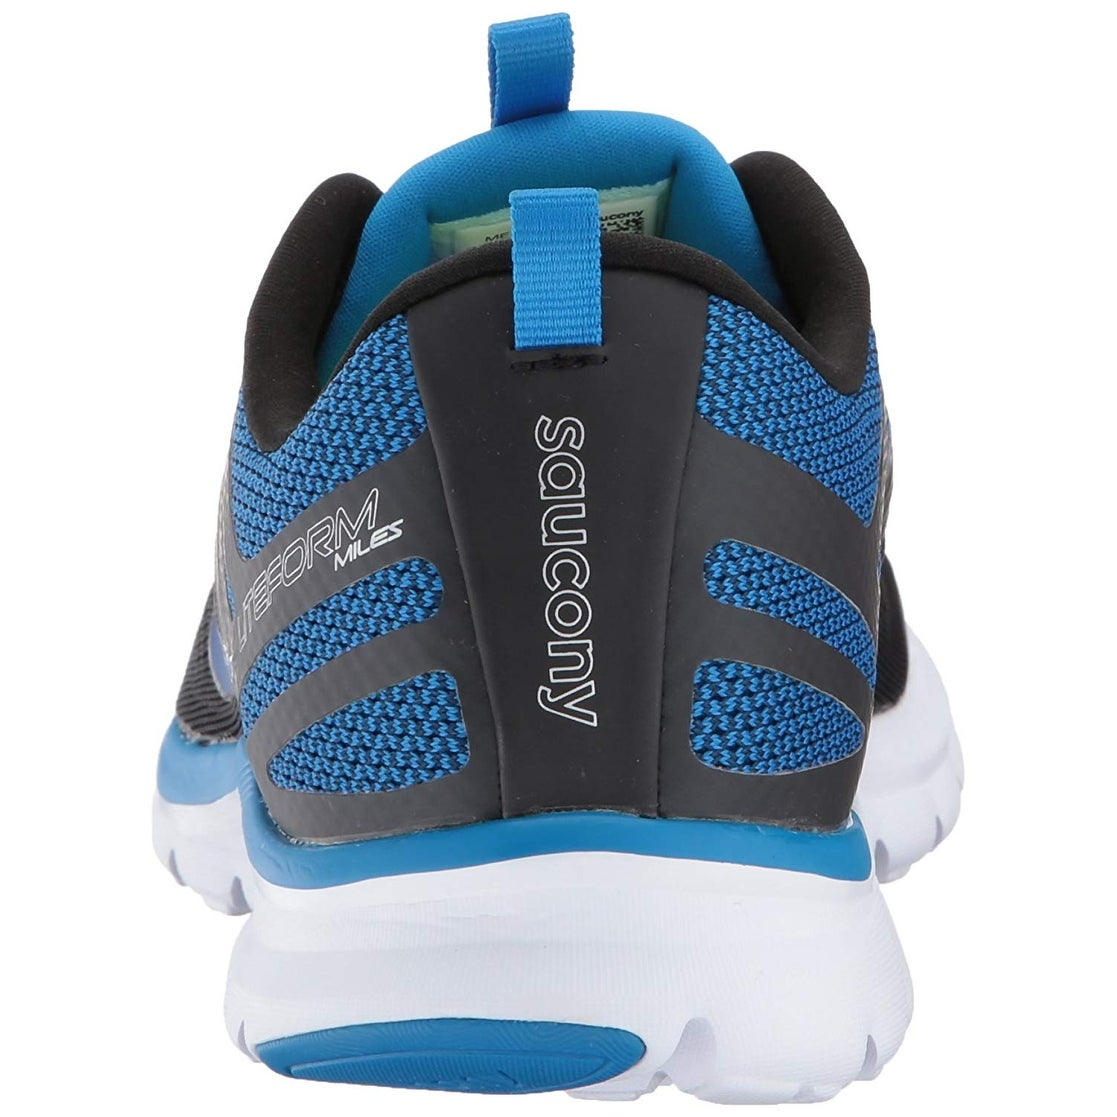 Liteform Miles Running Shoe - Overstock